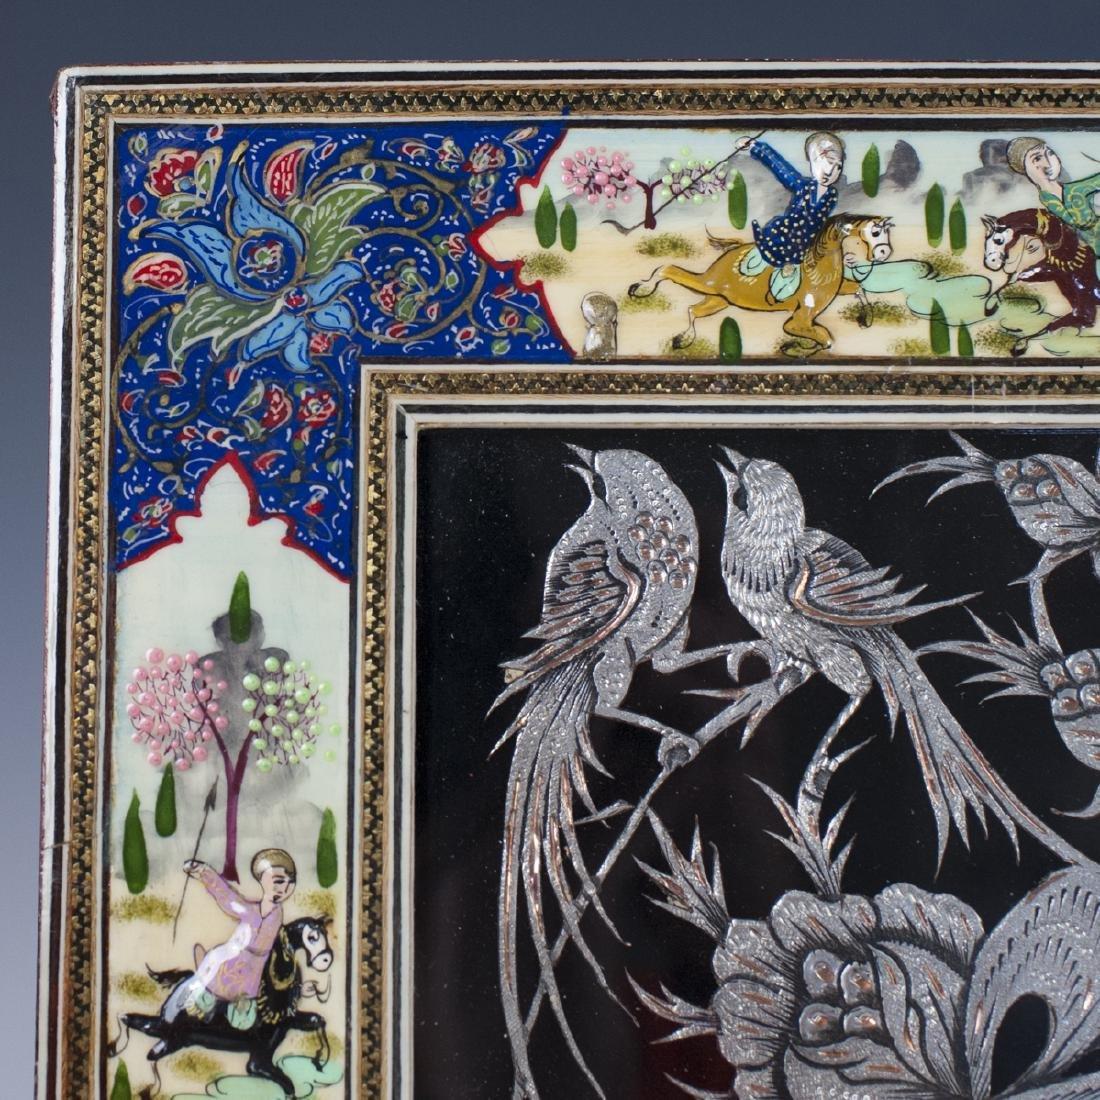 Persian Lacquered Khatam Frame Art - 2